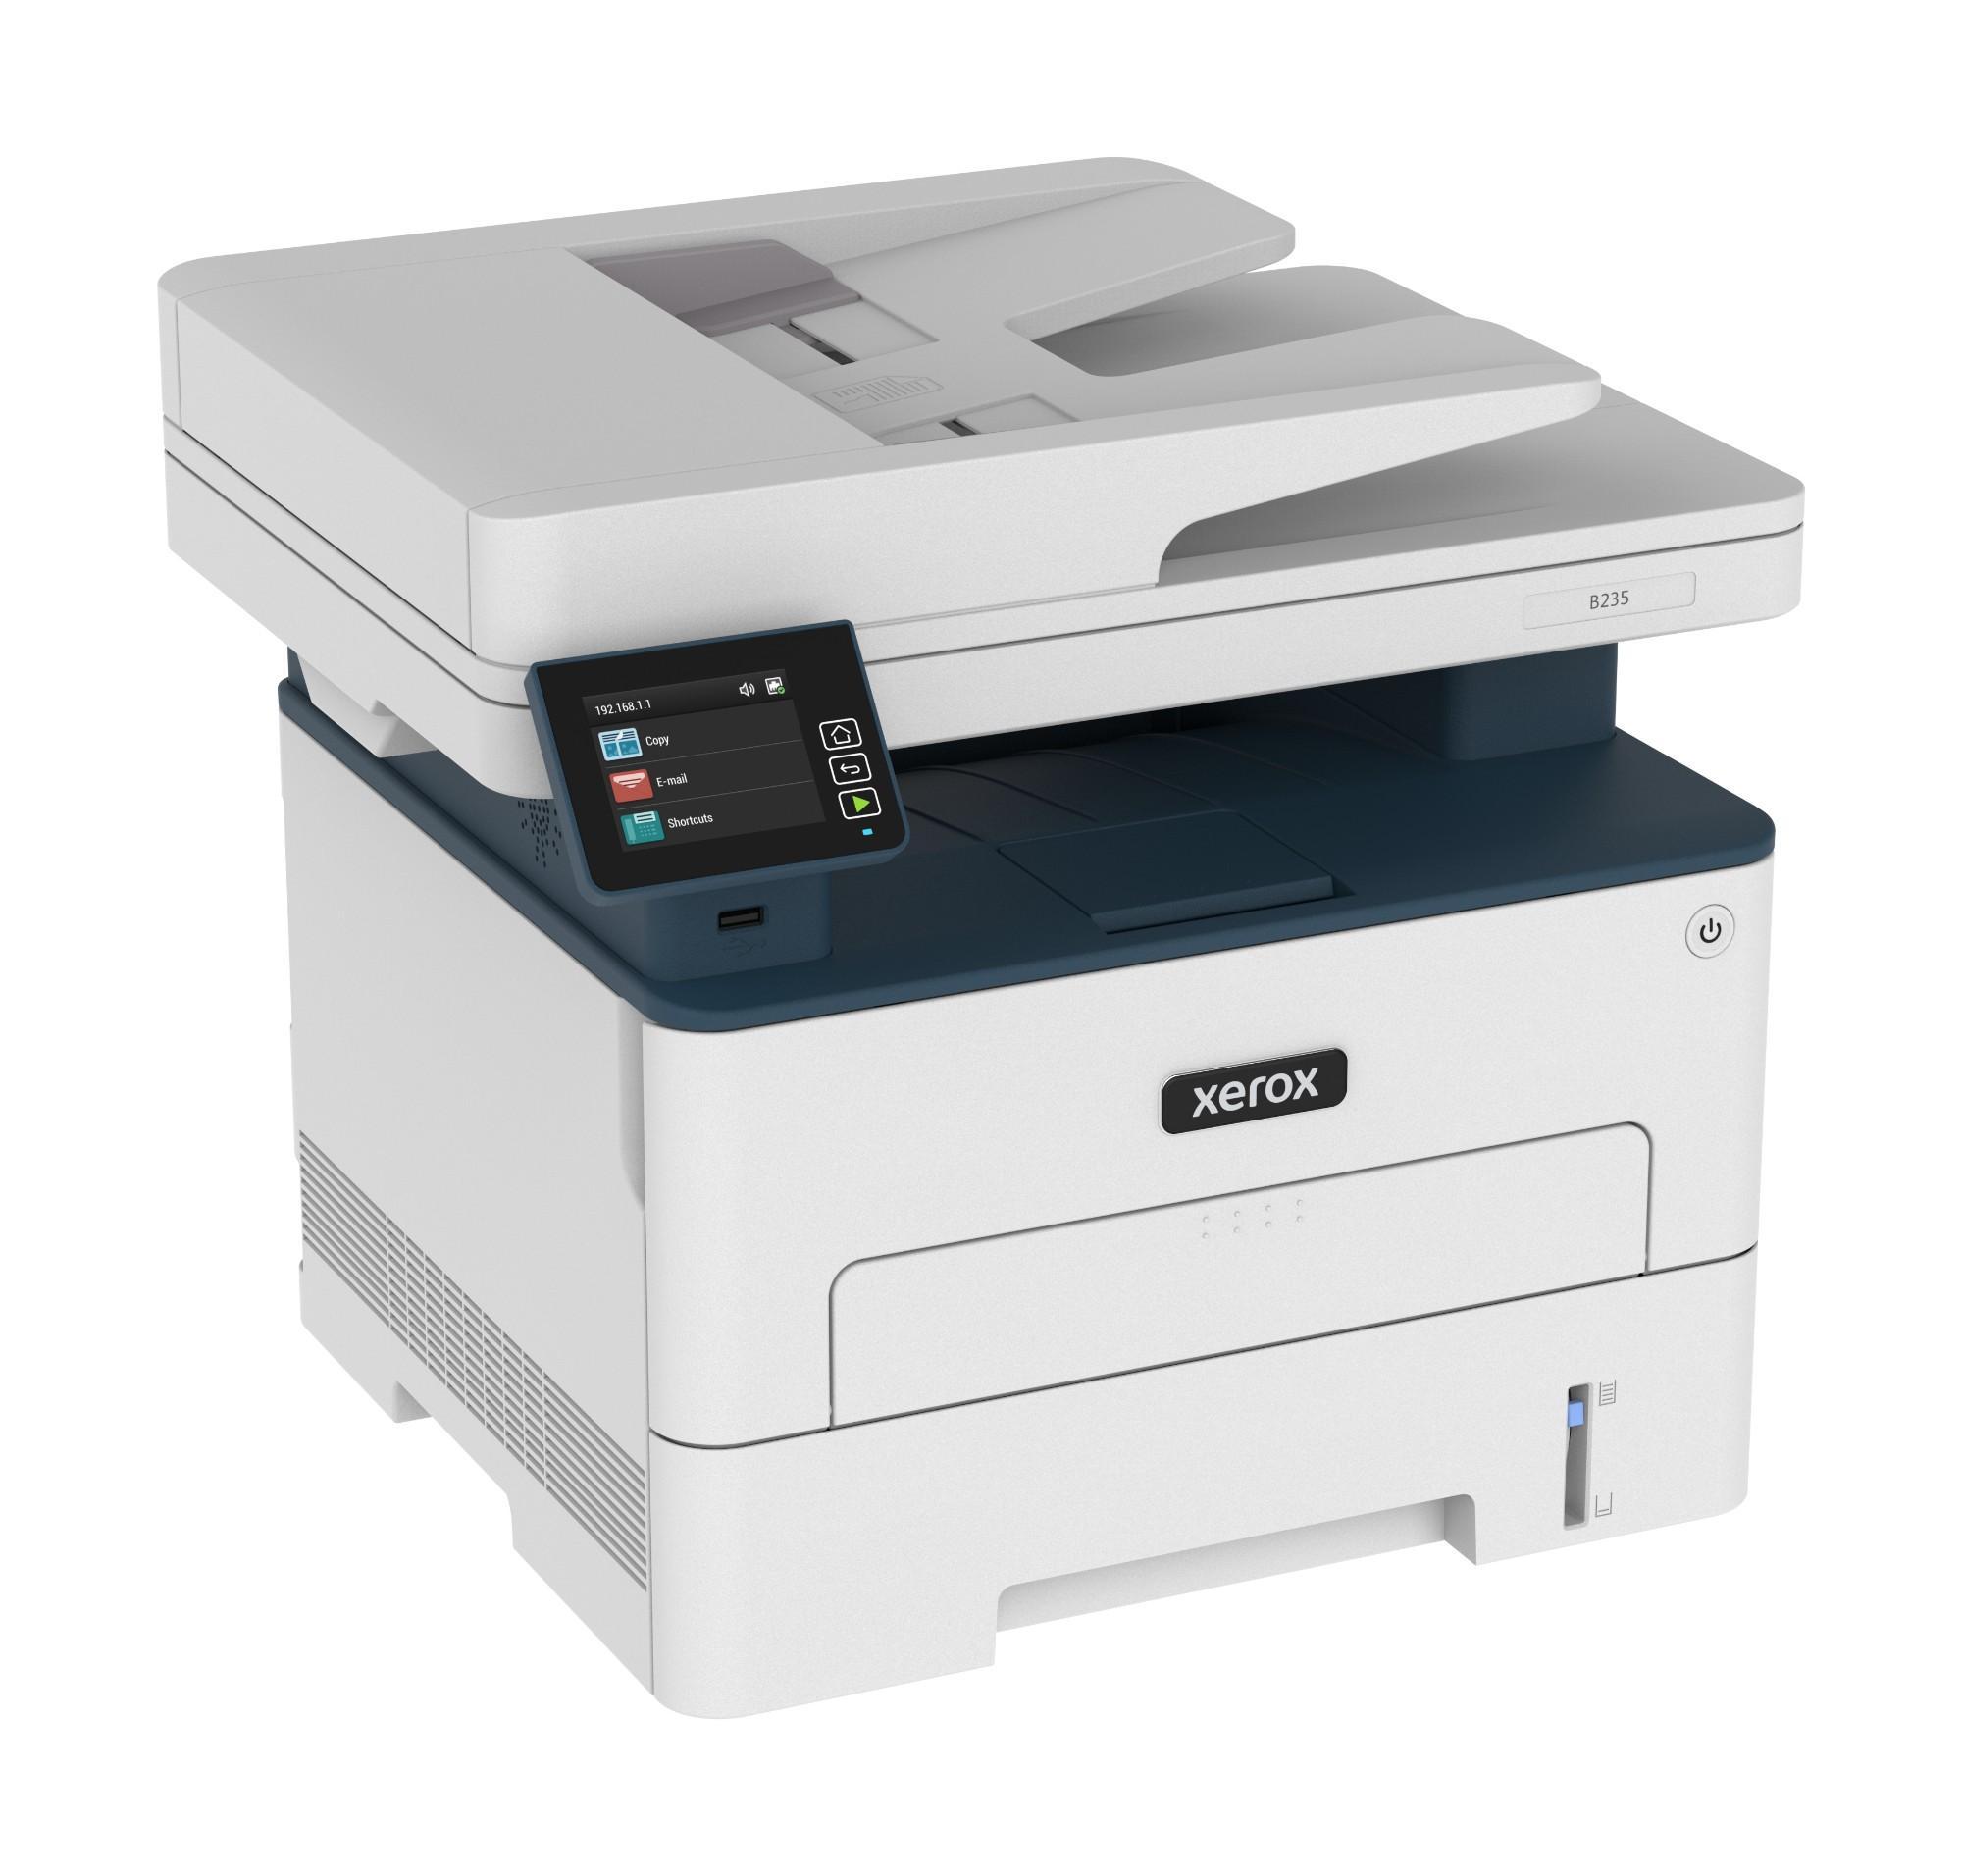 Stampante Multifunzione Bianco e Nero - Xerox® B235